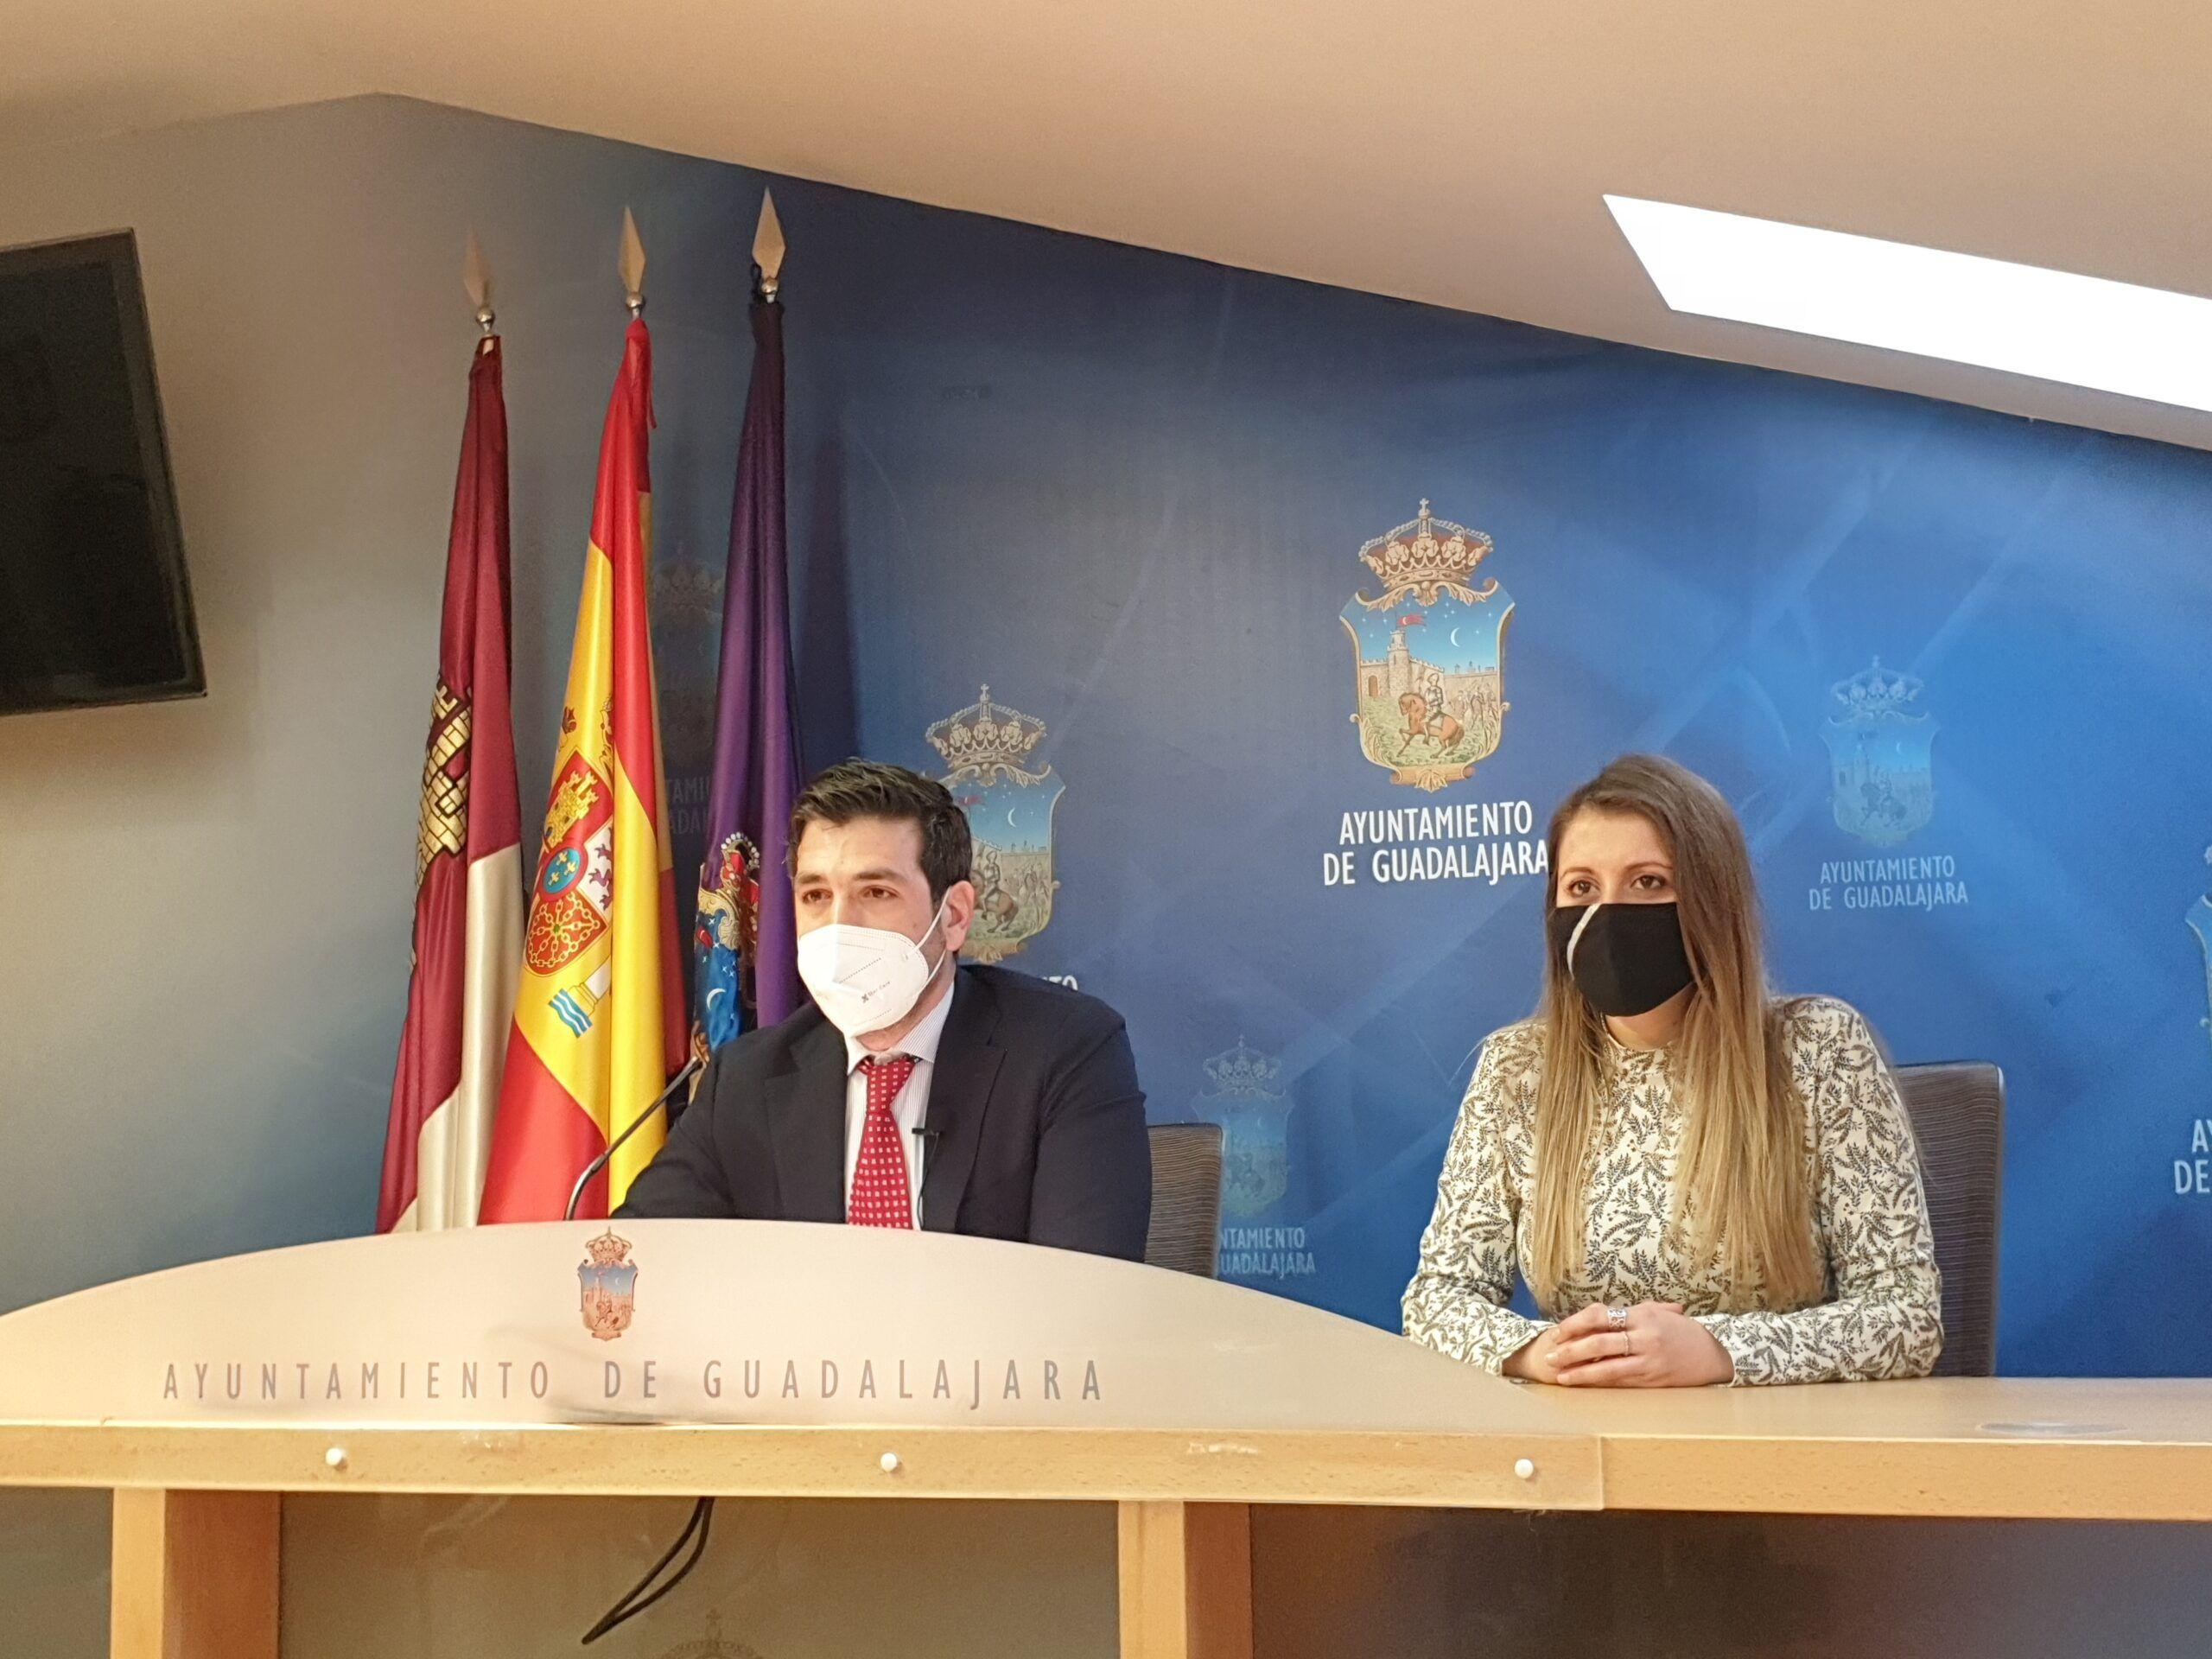 """Alguacil: """"Que a Alberto Rojo le hayan sobrado 12 millones de euros en el año de pandemia denota su incapacidad y falta de iniciativa y liderazgo"""""""